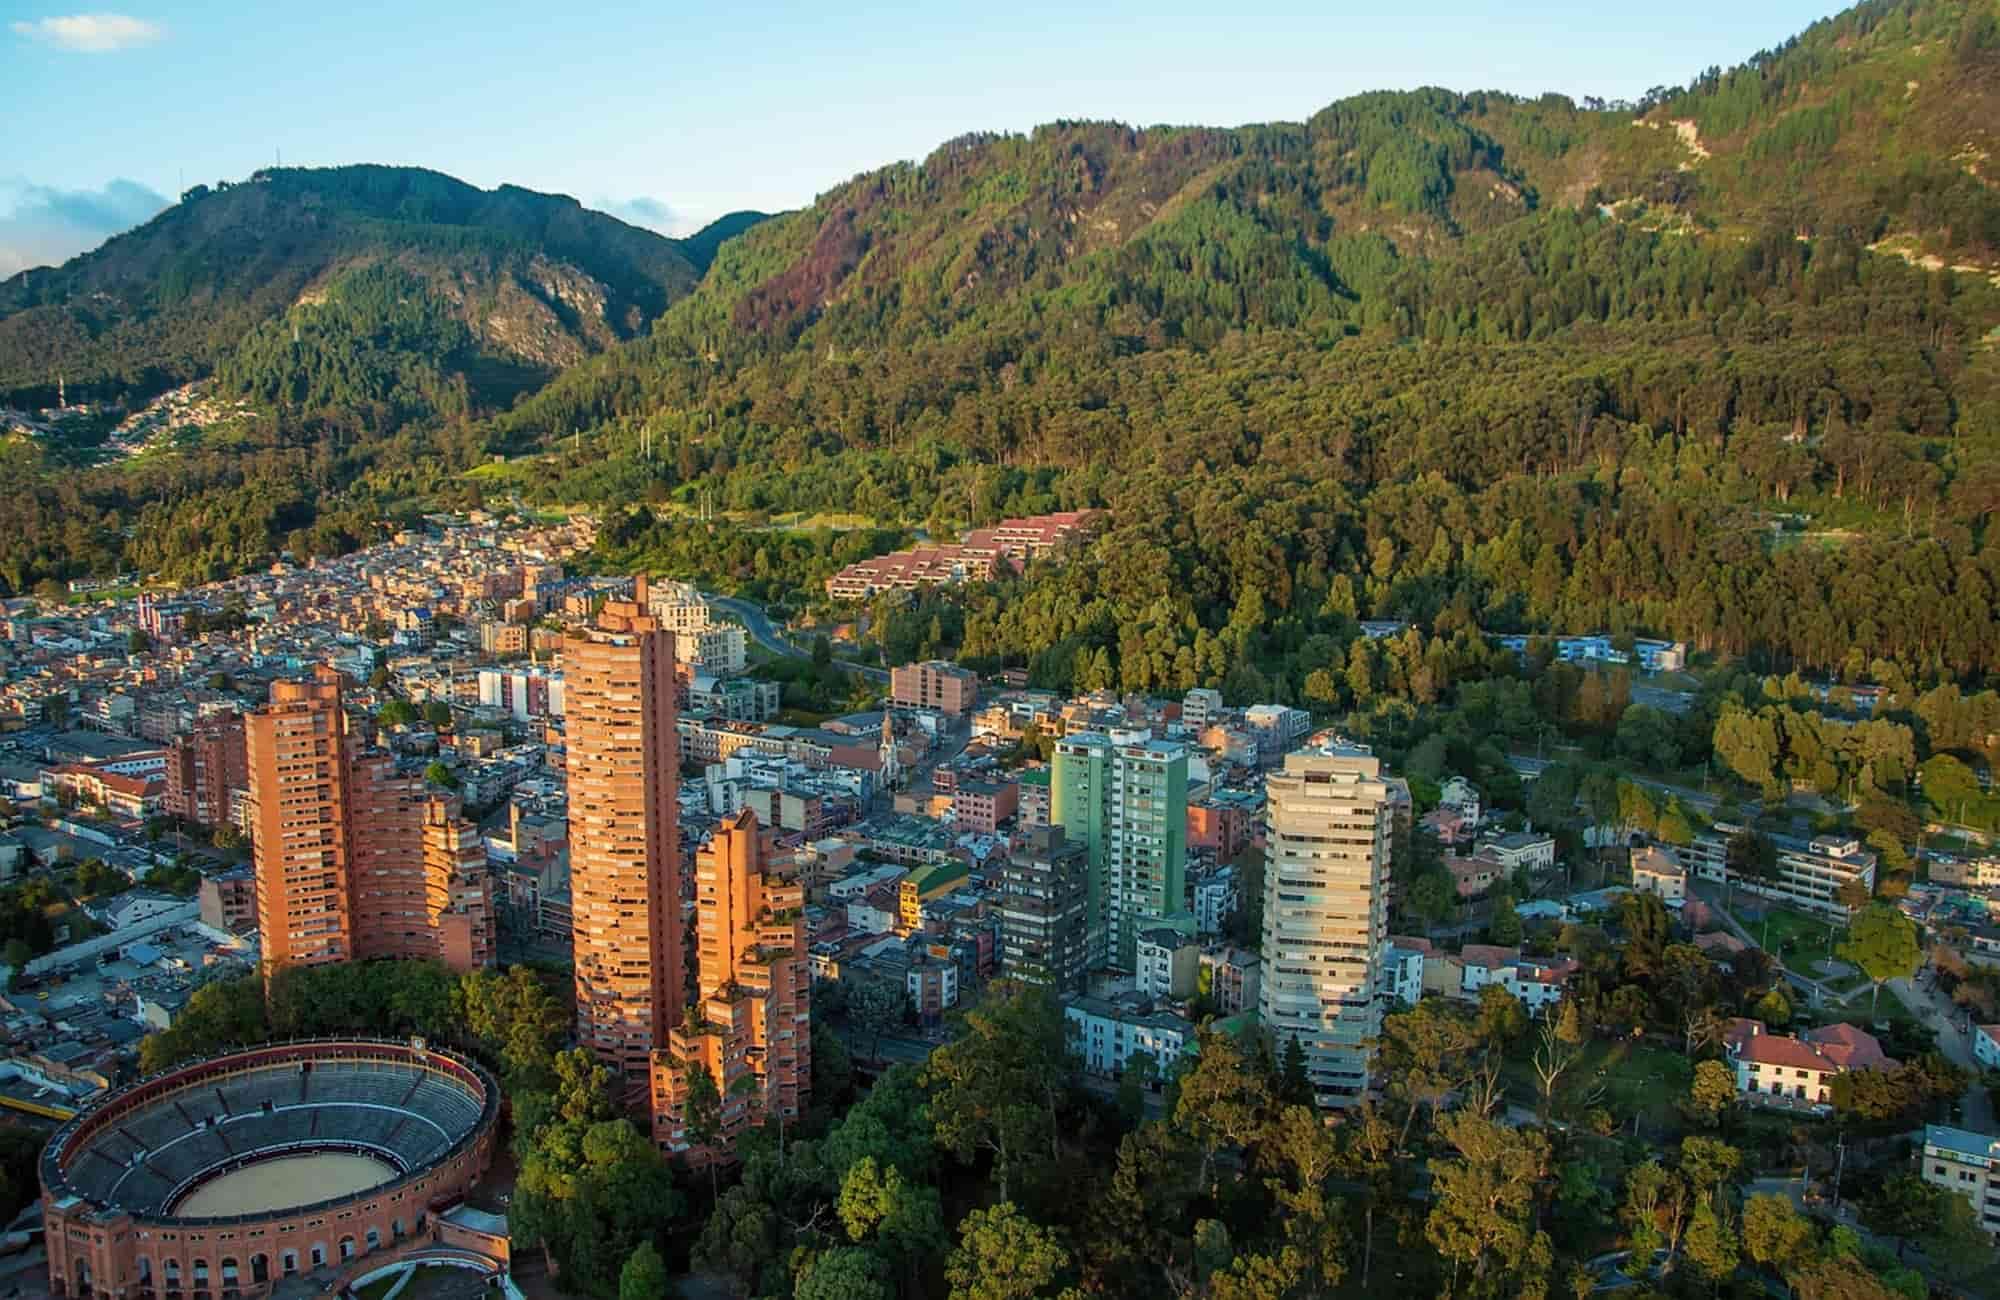 Voyage en Colombie - Bogotá - Amplitudes